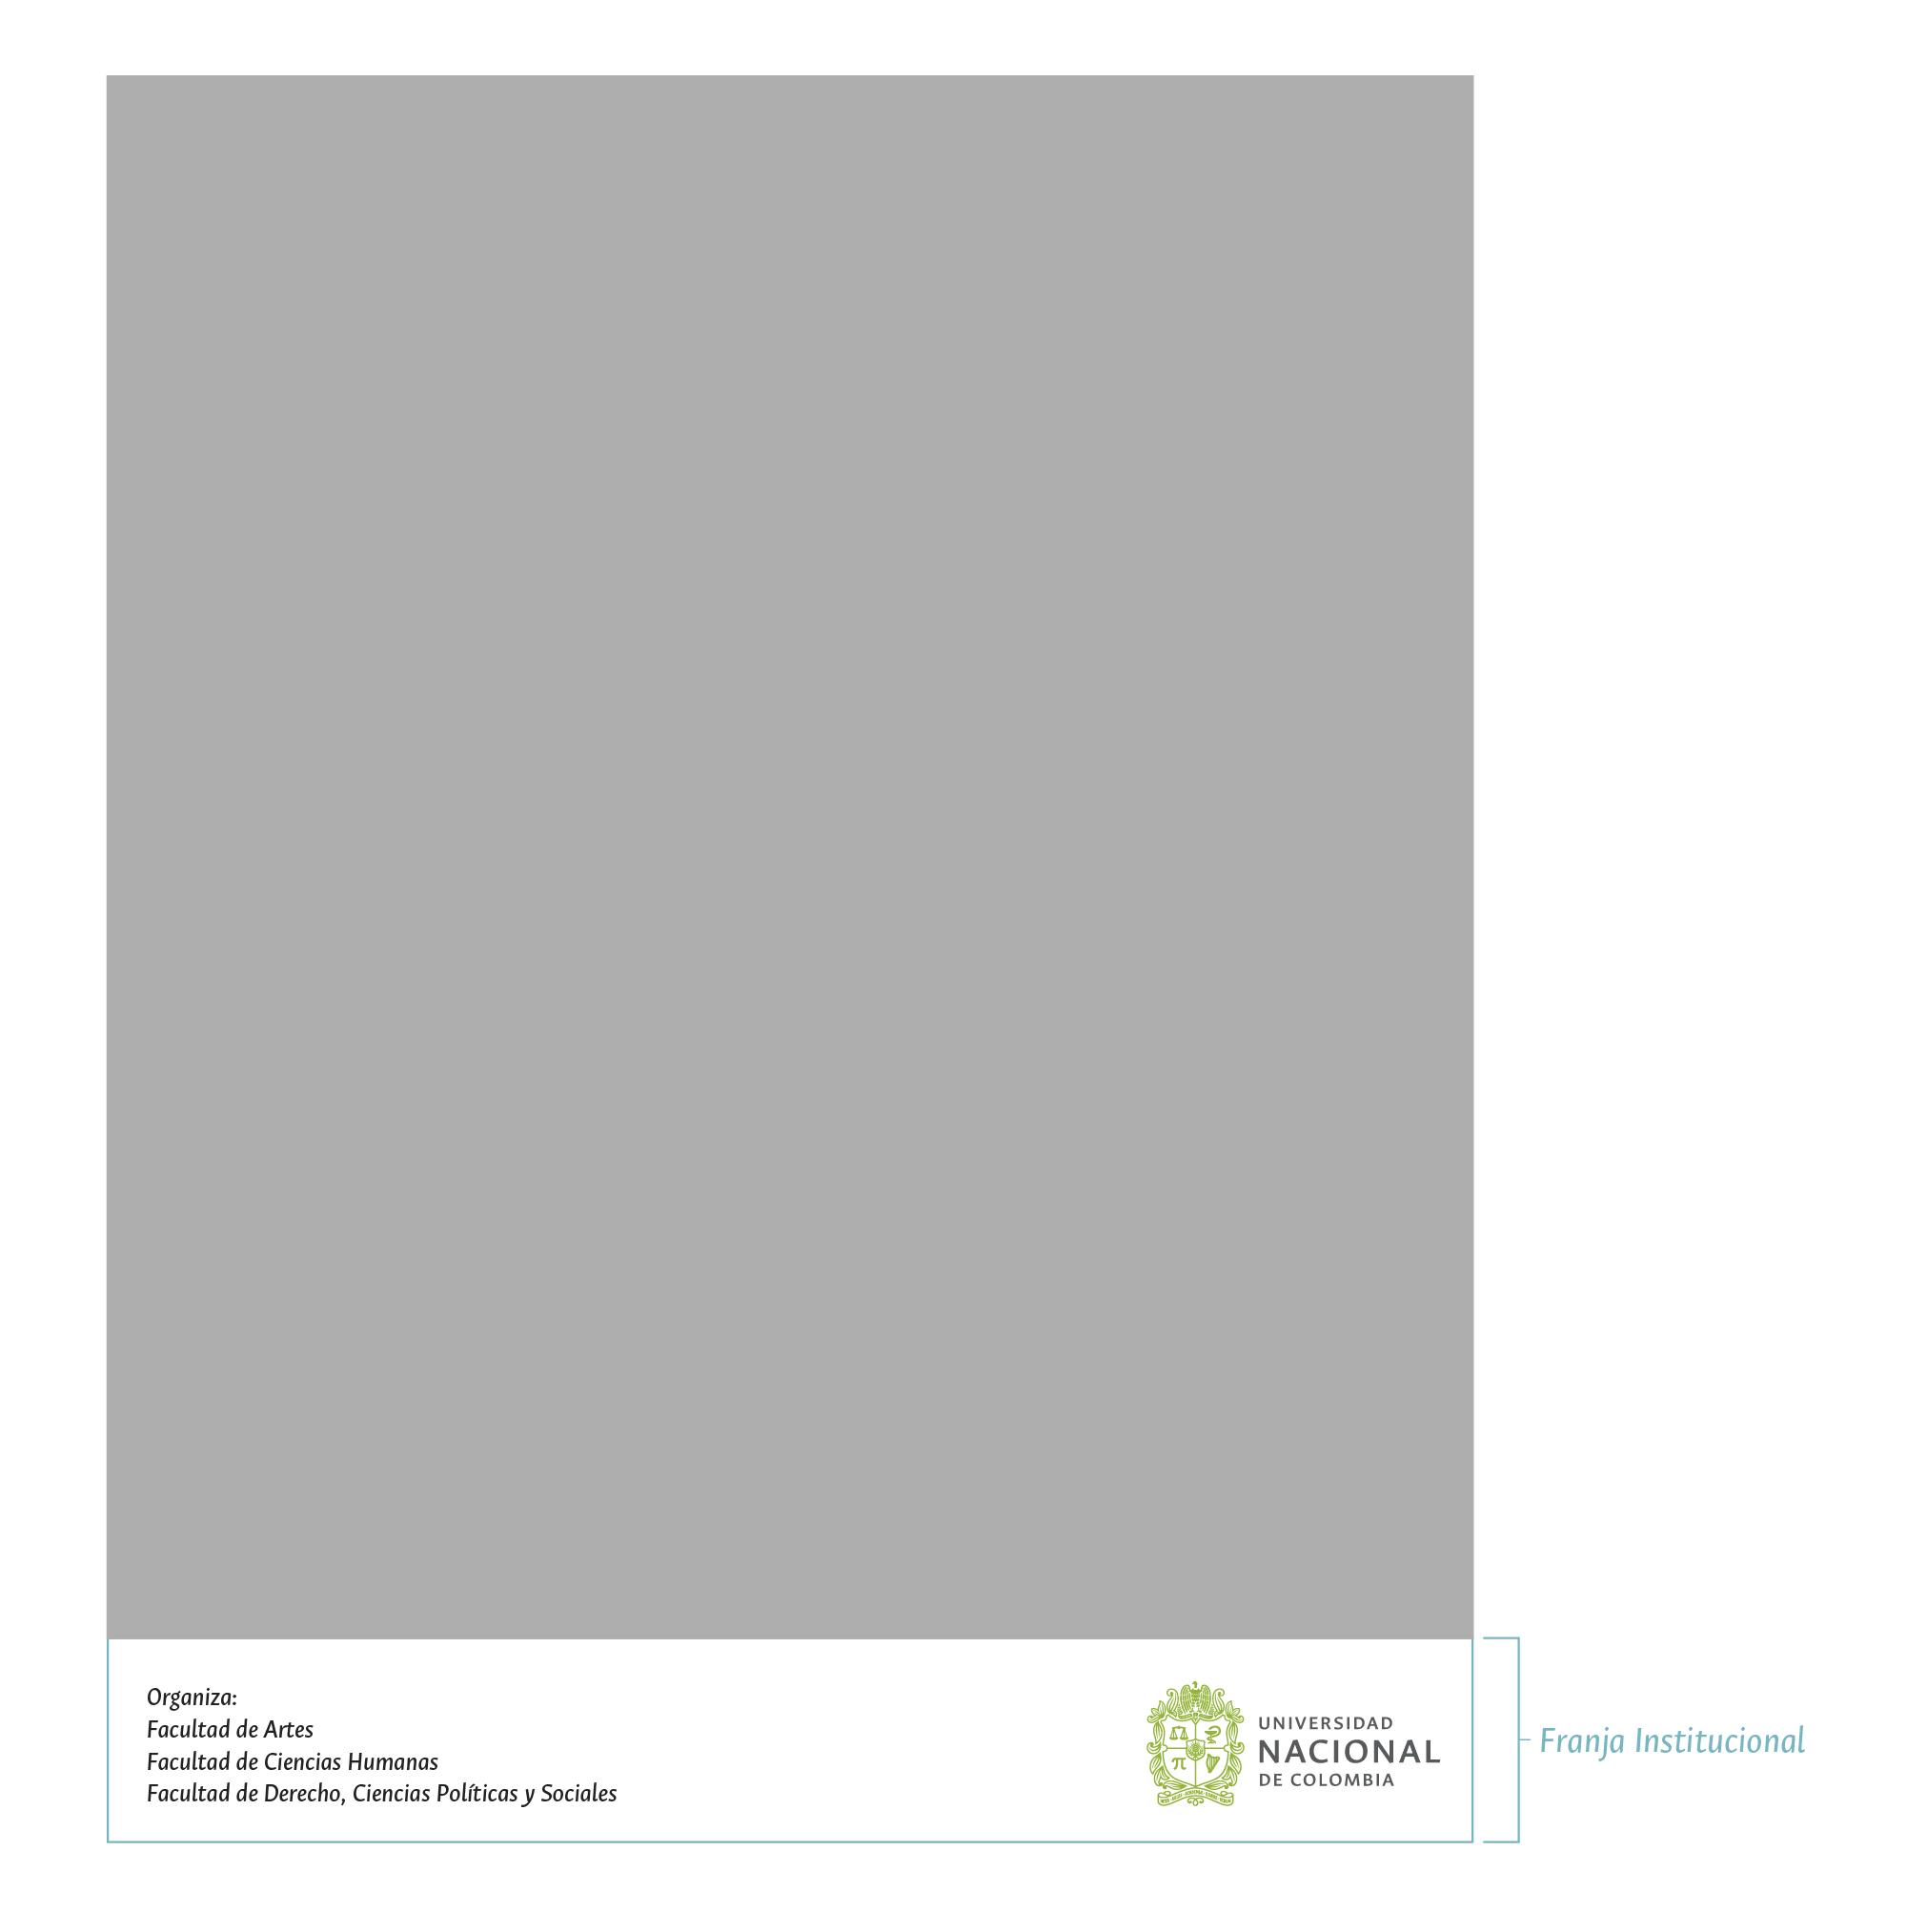 Ejemplo 1 Manejo de créditos  dentro de la franja institucional